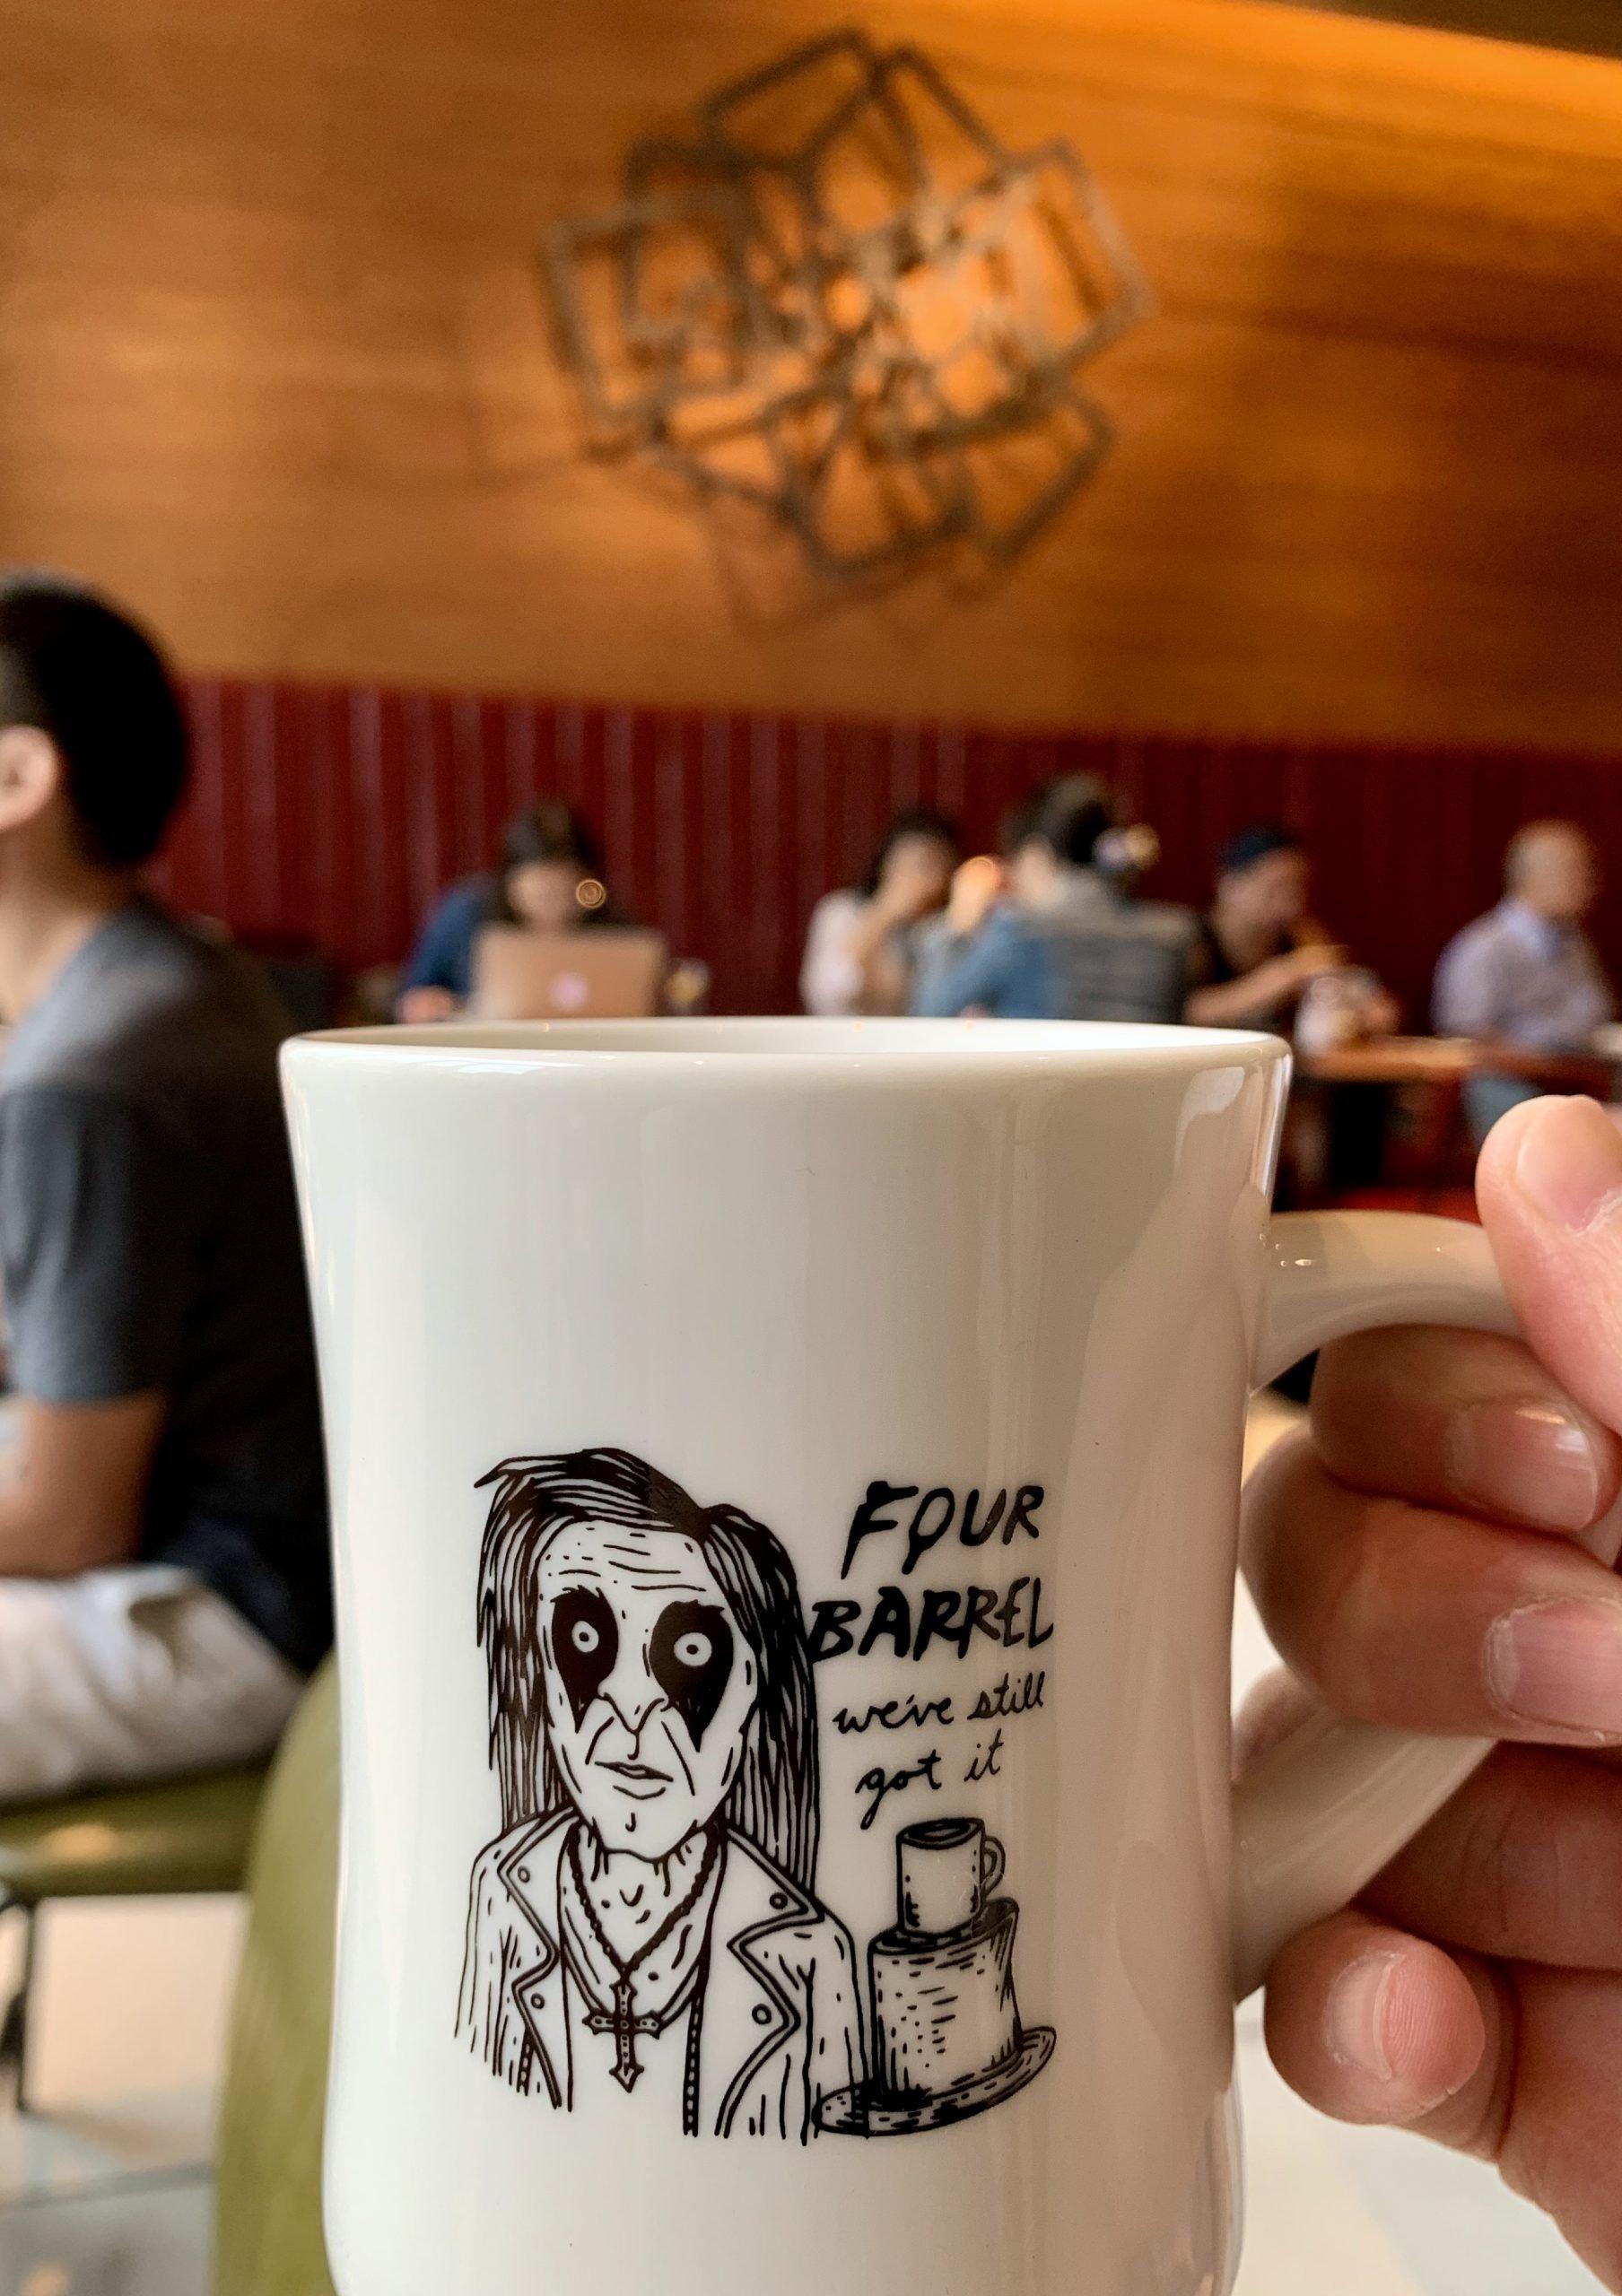 四桶咖啡單品手沖